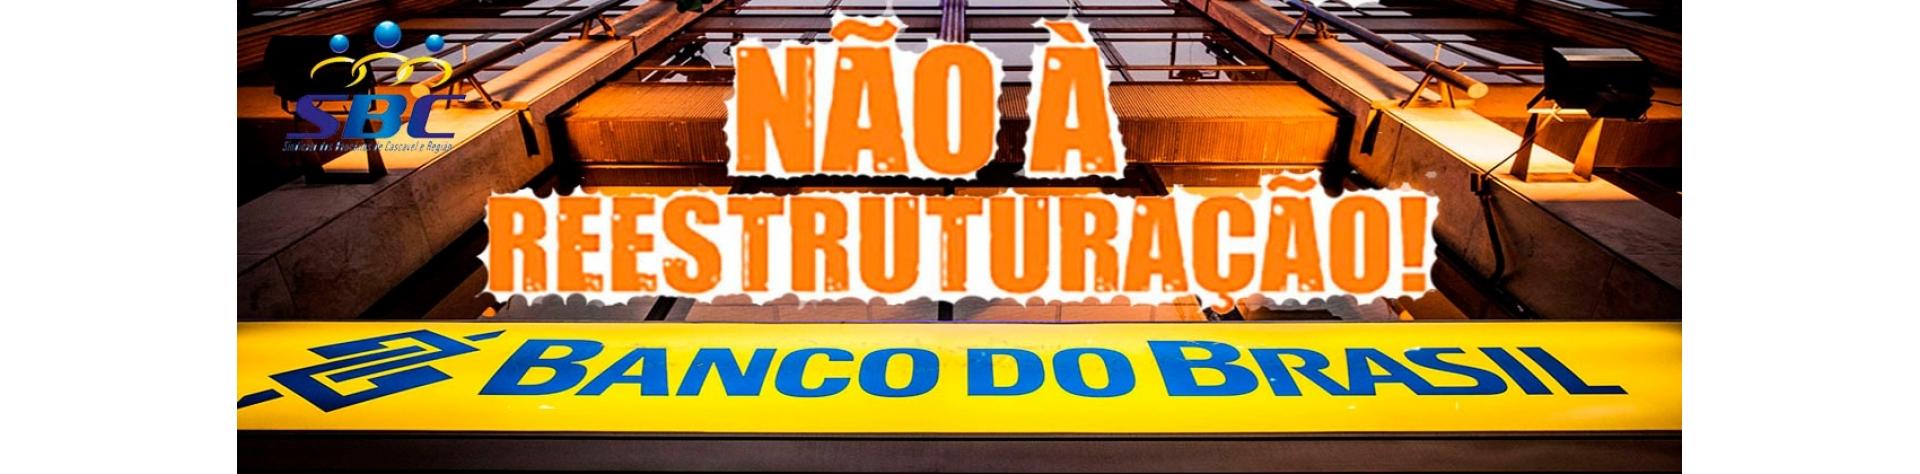 ESTUDO DO DIEESE MOSTRA PROCESSO DE DESMONTE DO BB